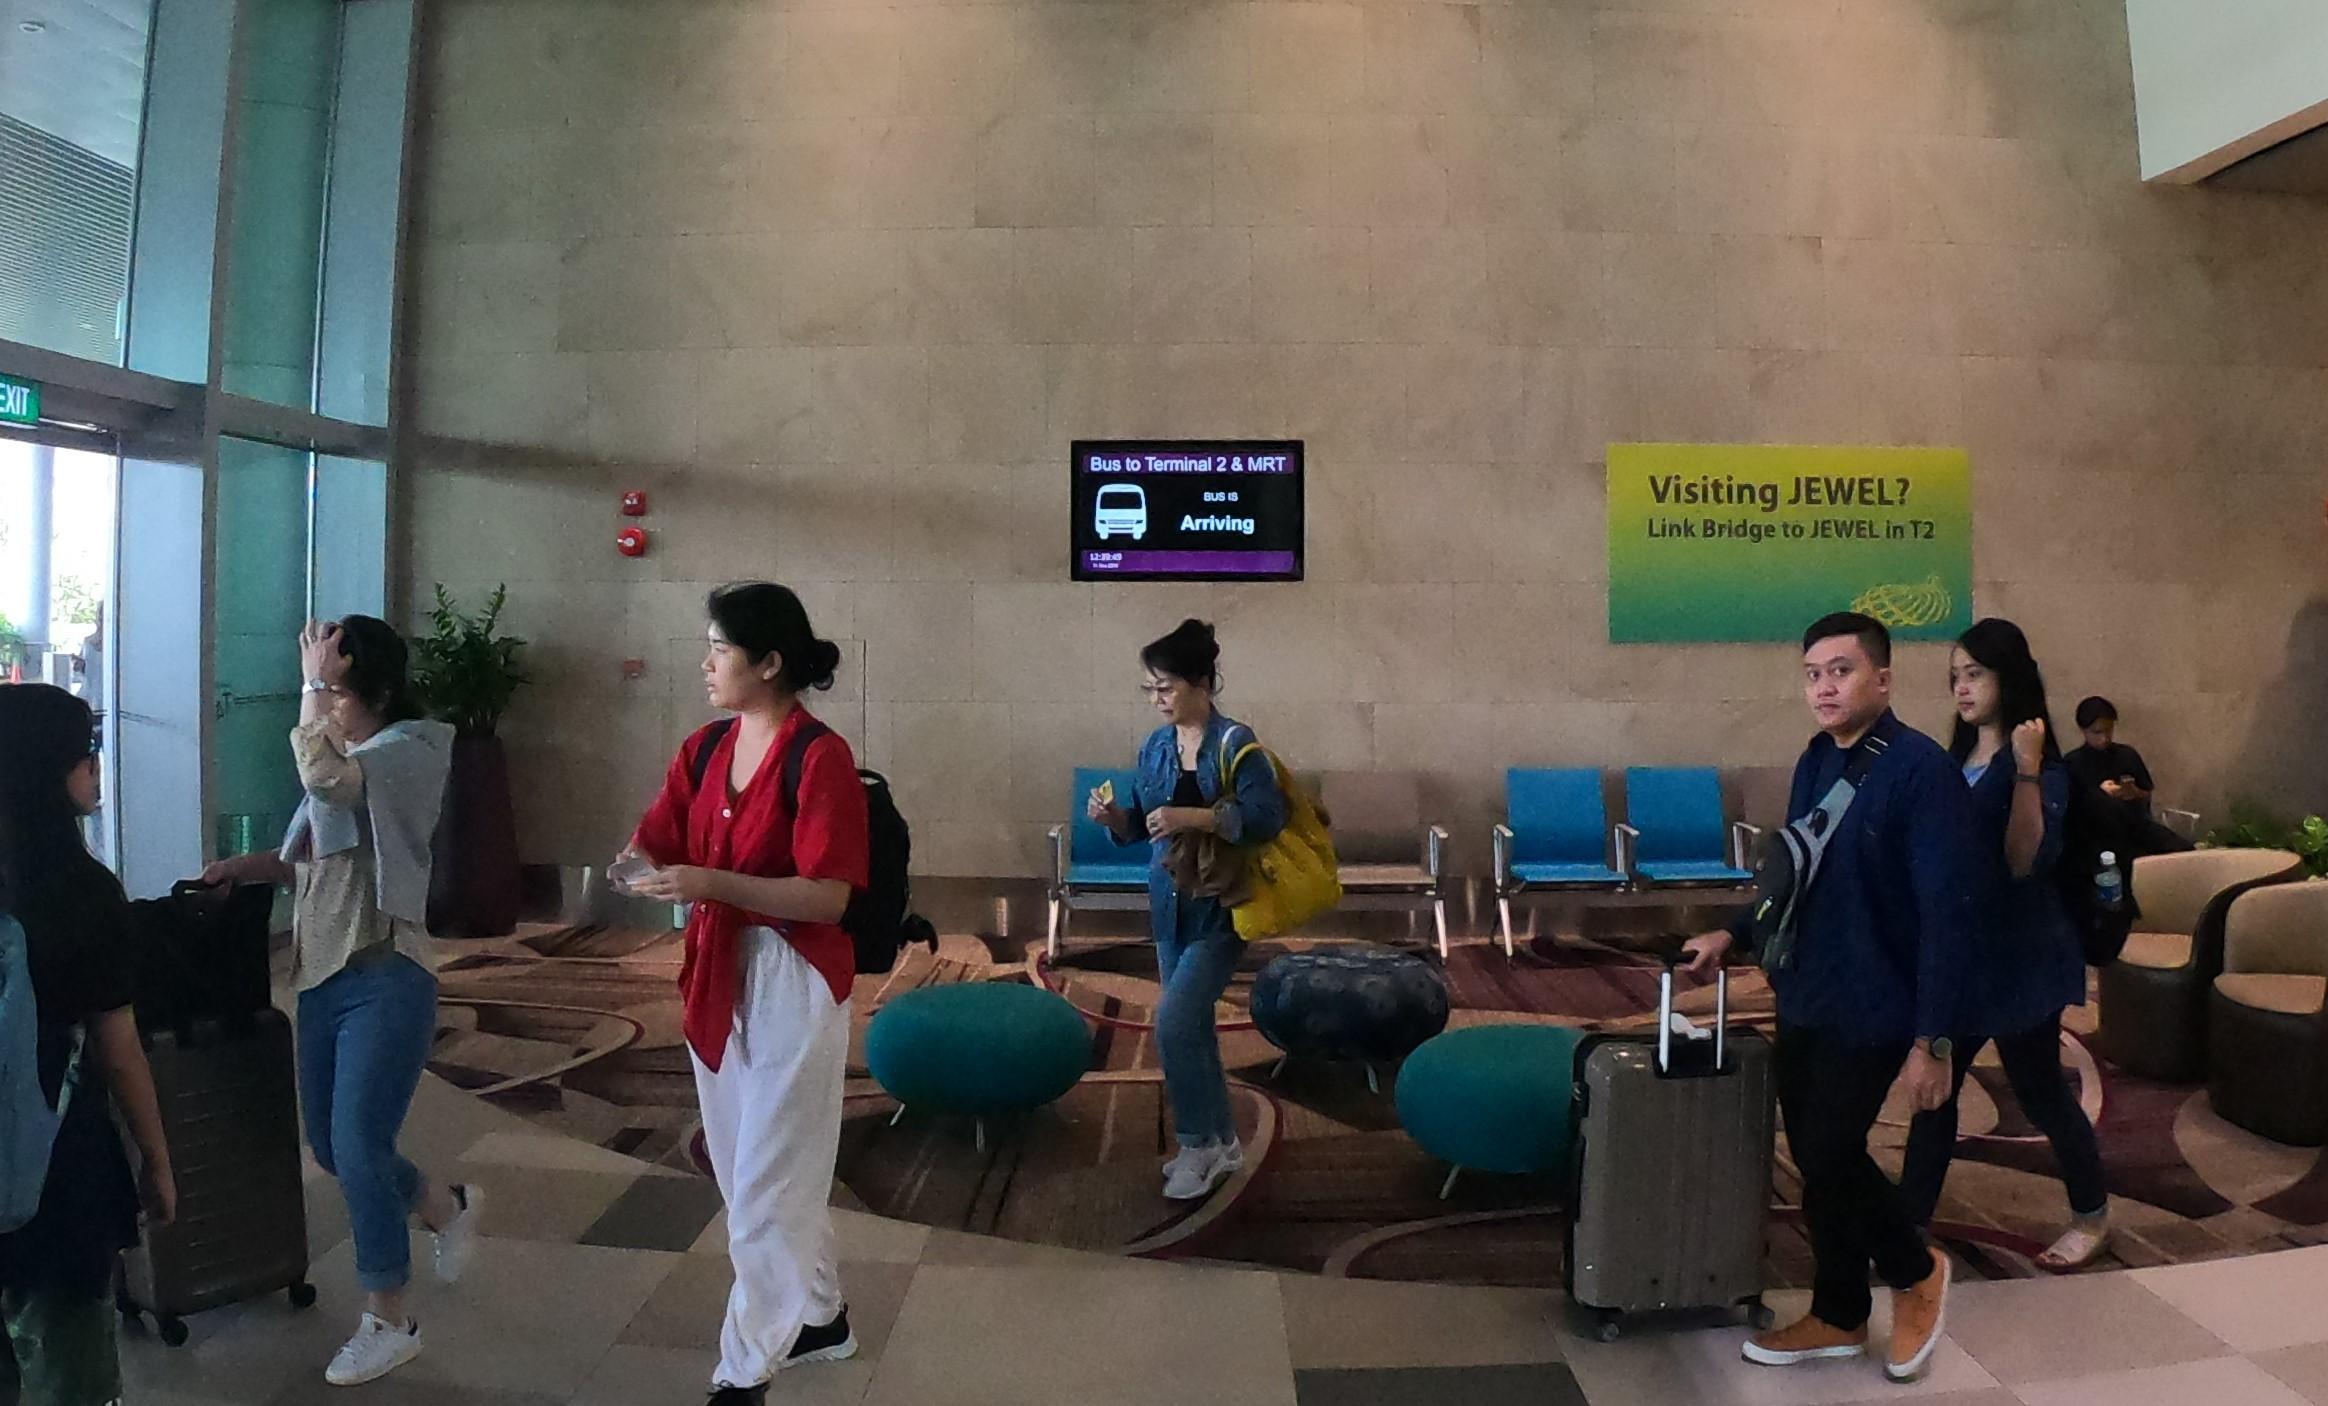 チャンギ国際空港(Changi Airport) MRT 乗り場 行き方